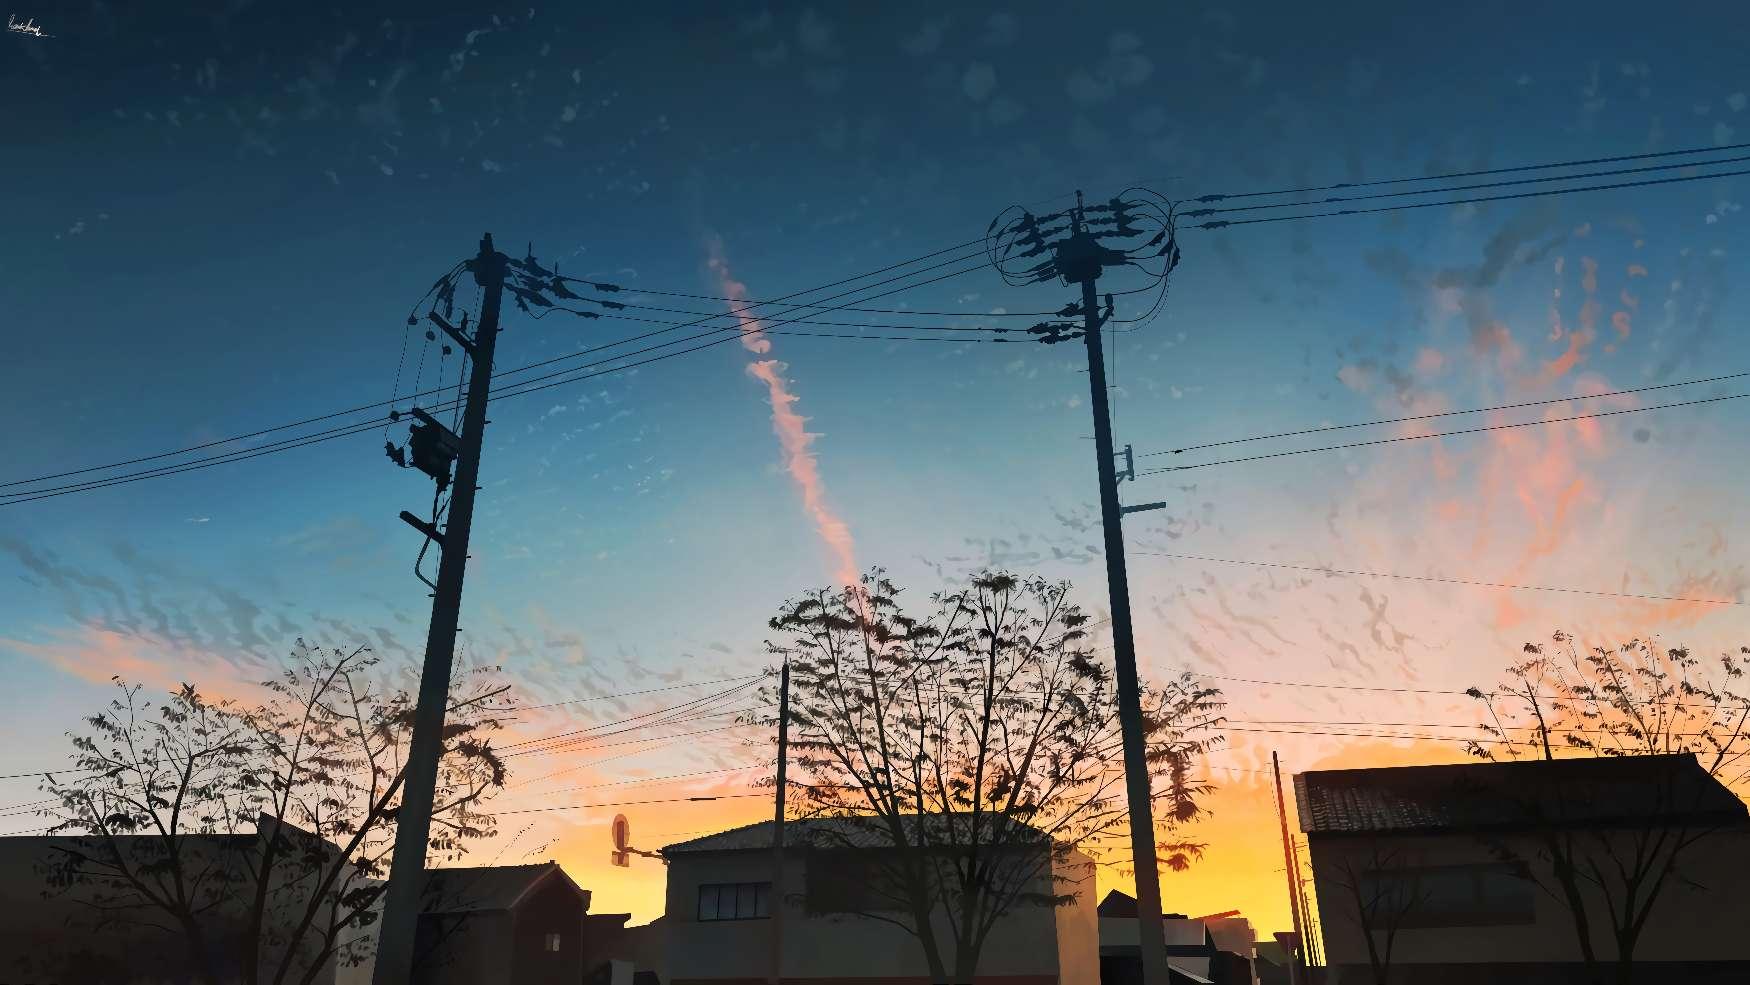 【图片】高清唯美图片-小柚妹站